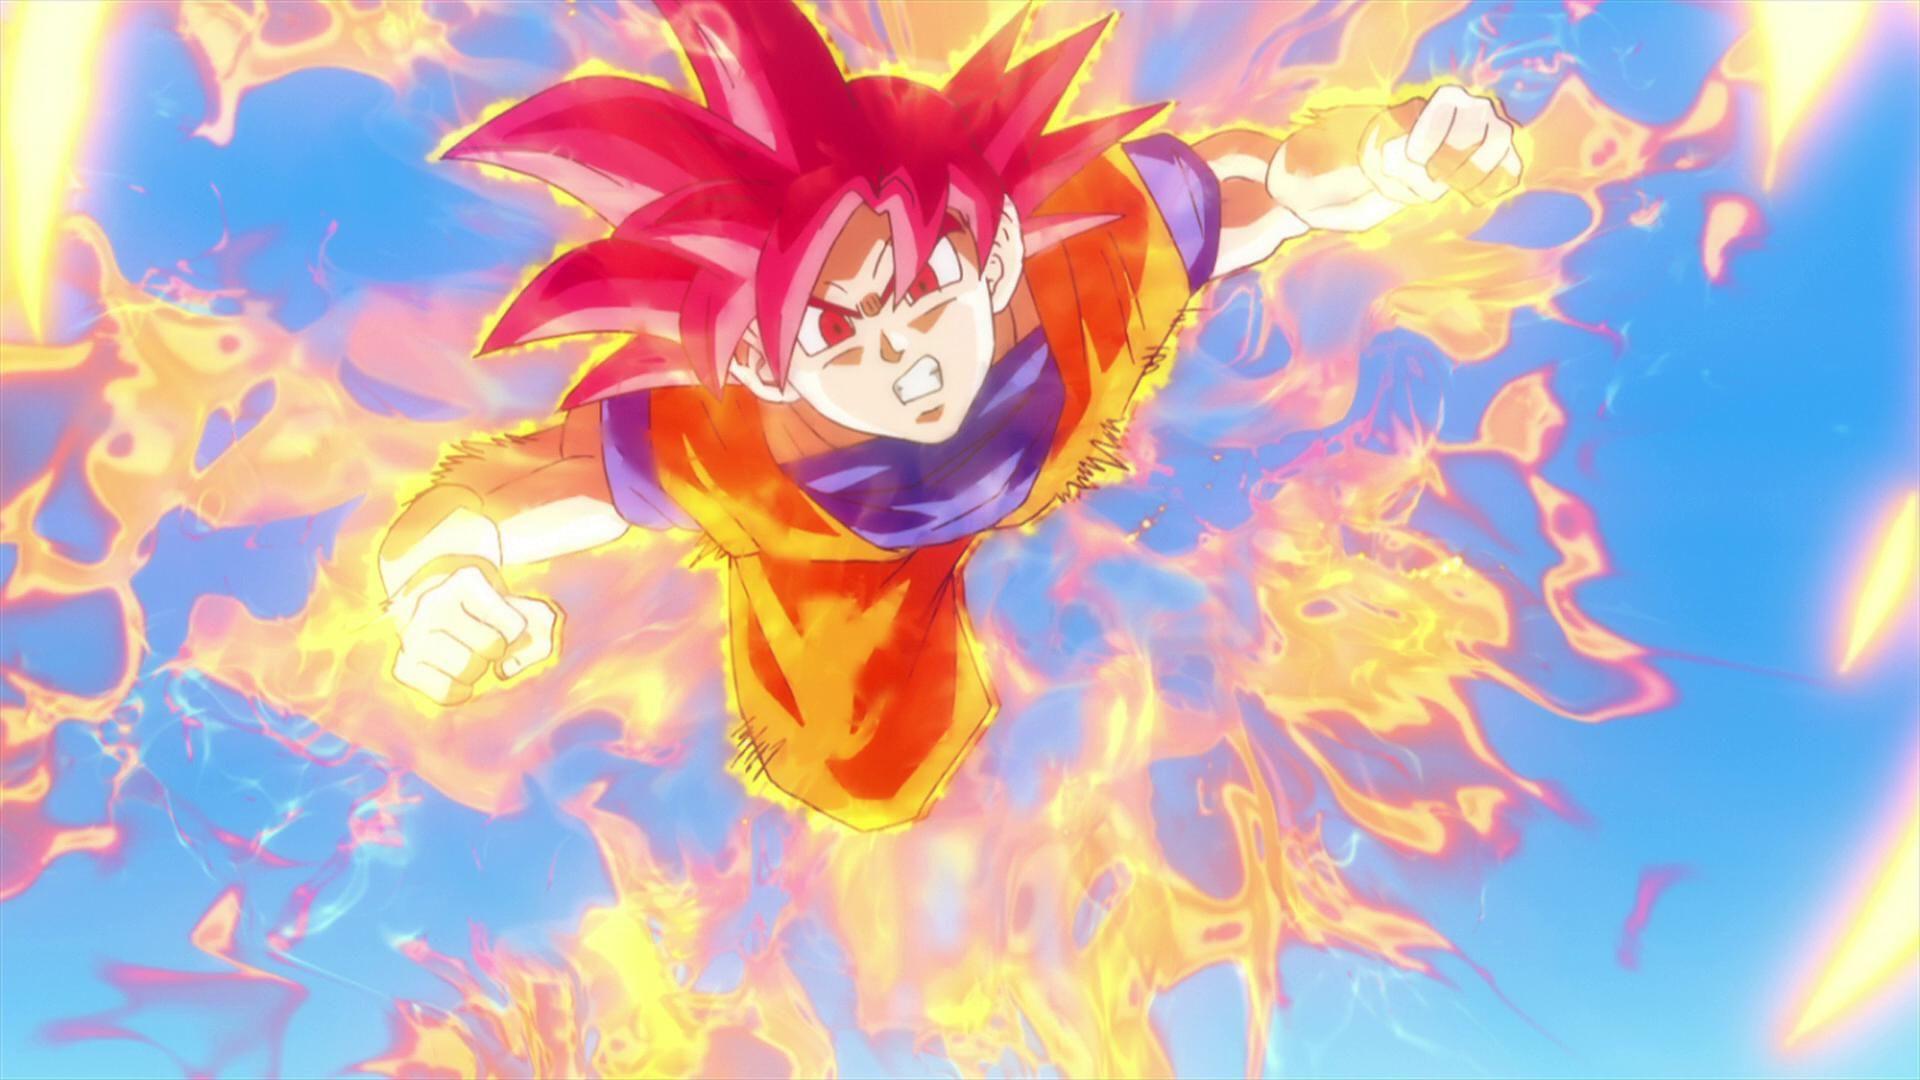 Goku Super Saiyan God 1080p Wallpaper Dragon Ball Dragon ball 1920x1080